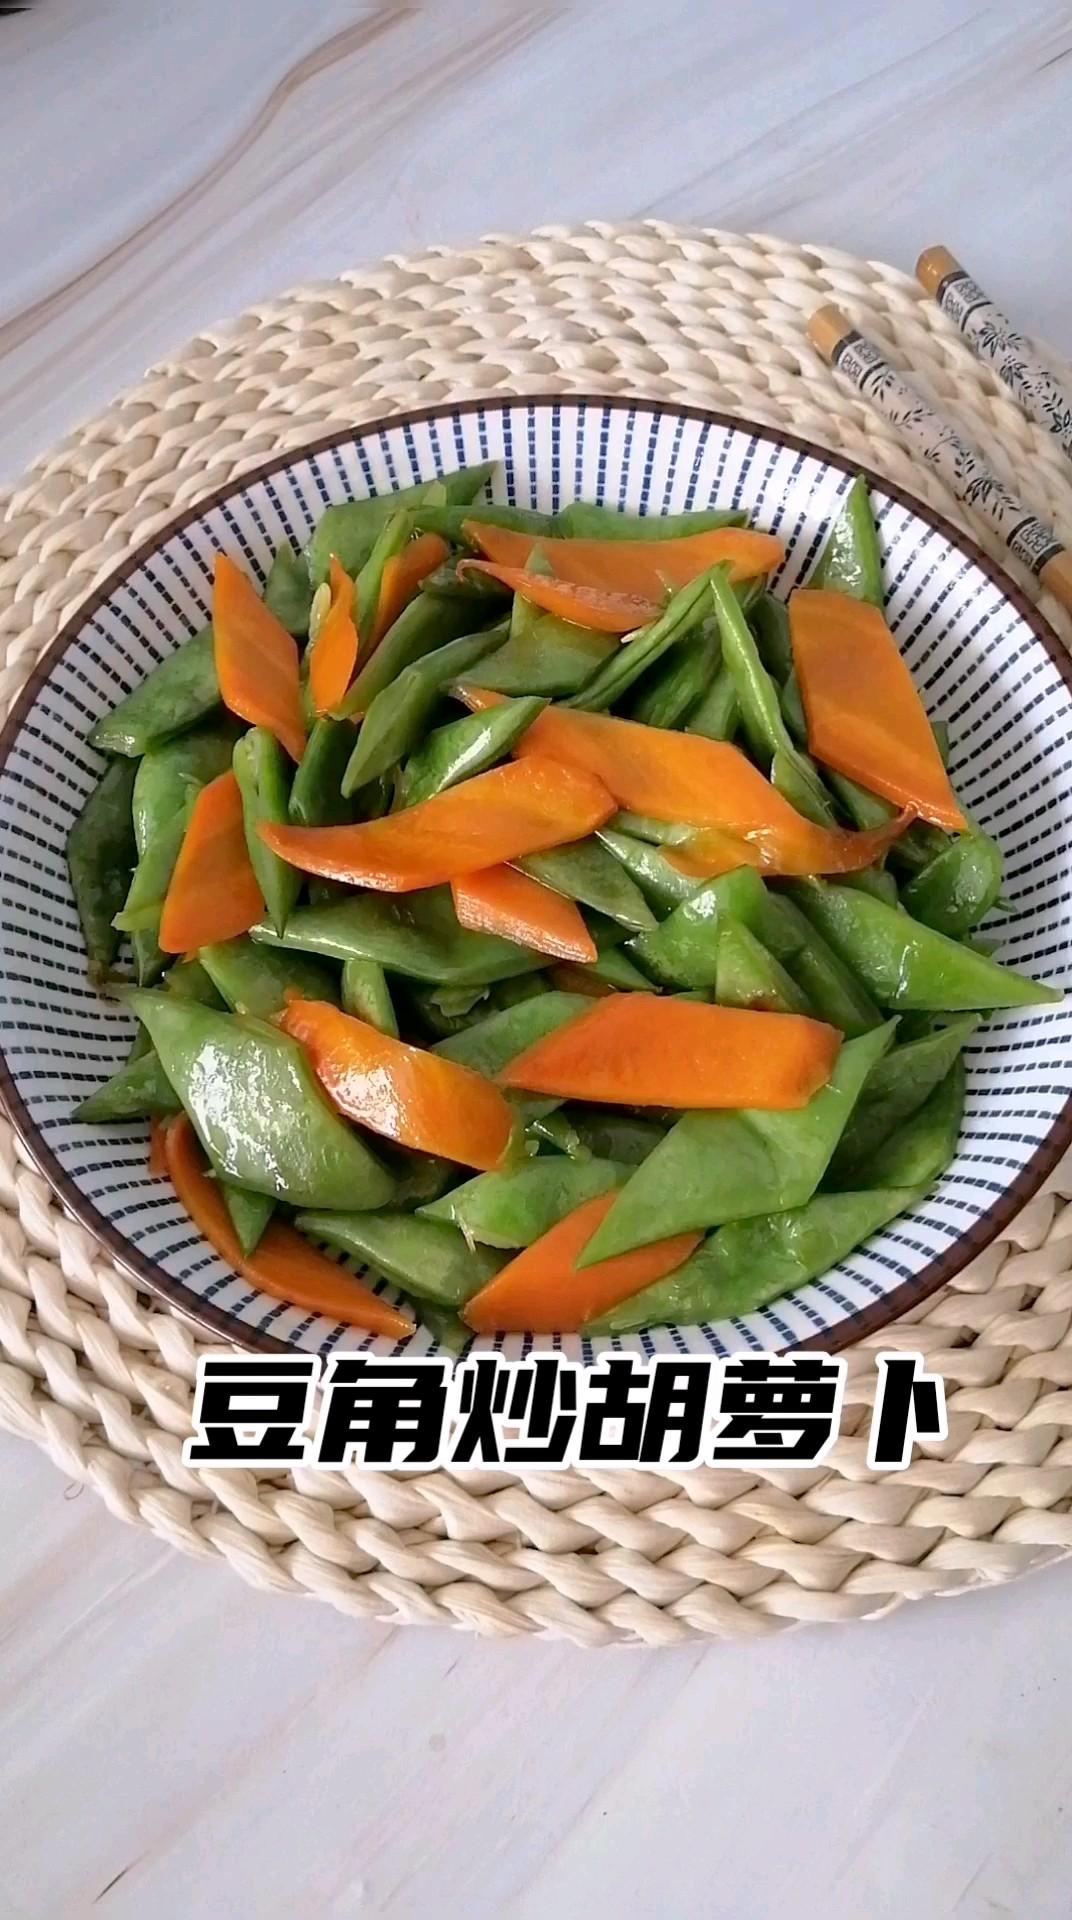 豆角炒胡萝卜片的做法